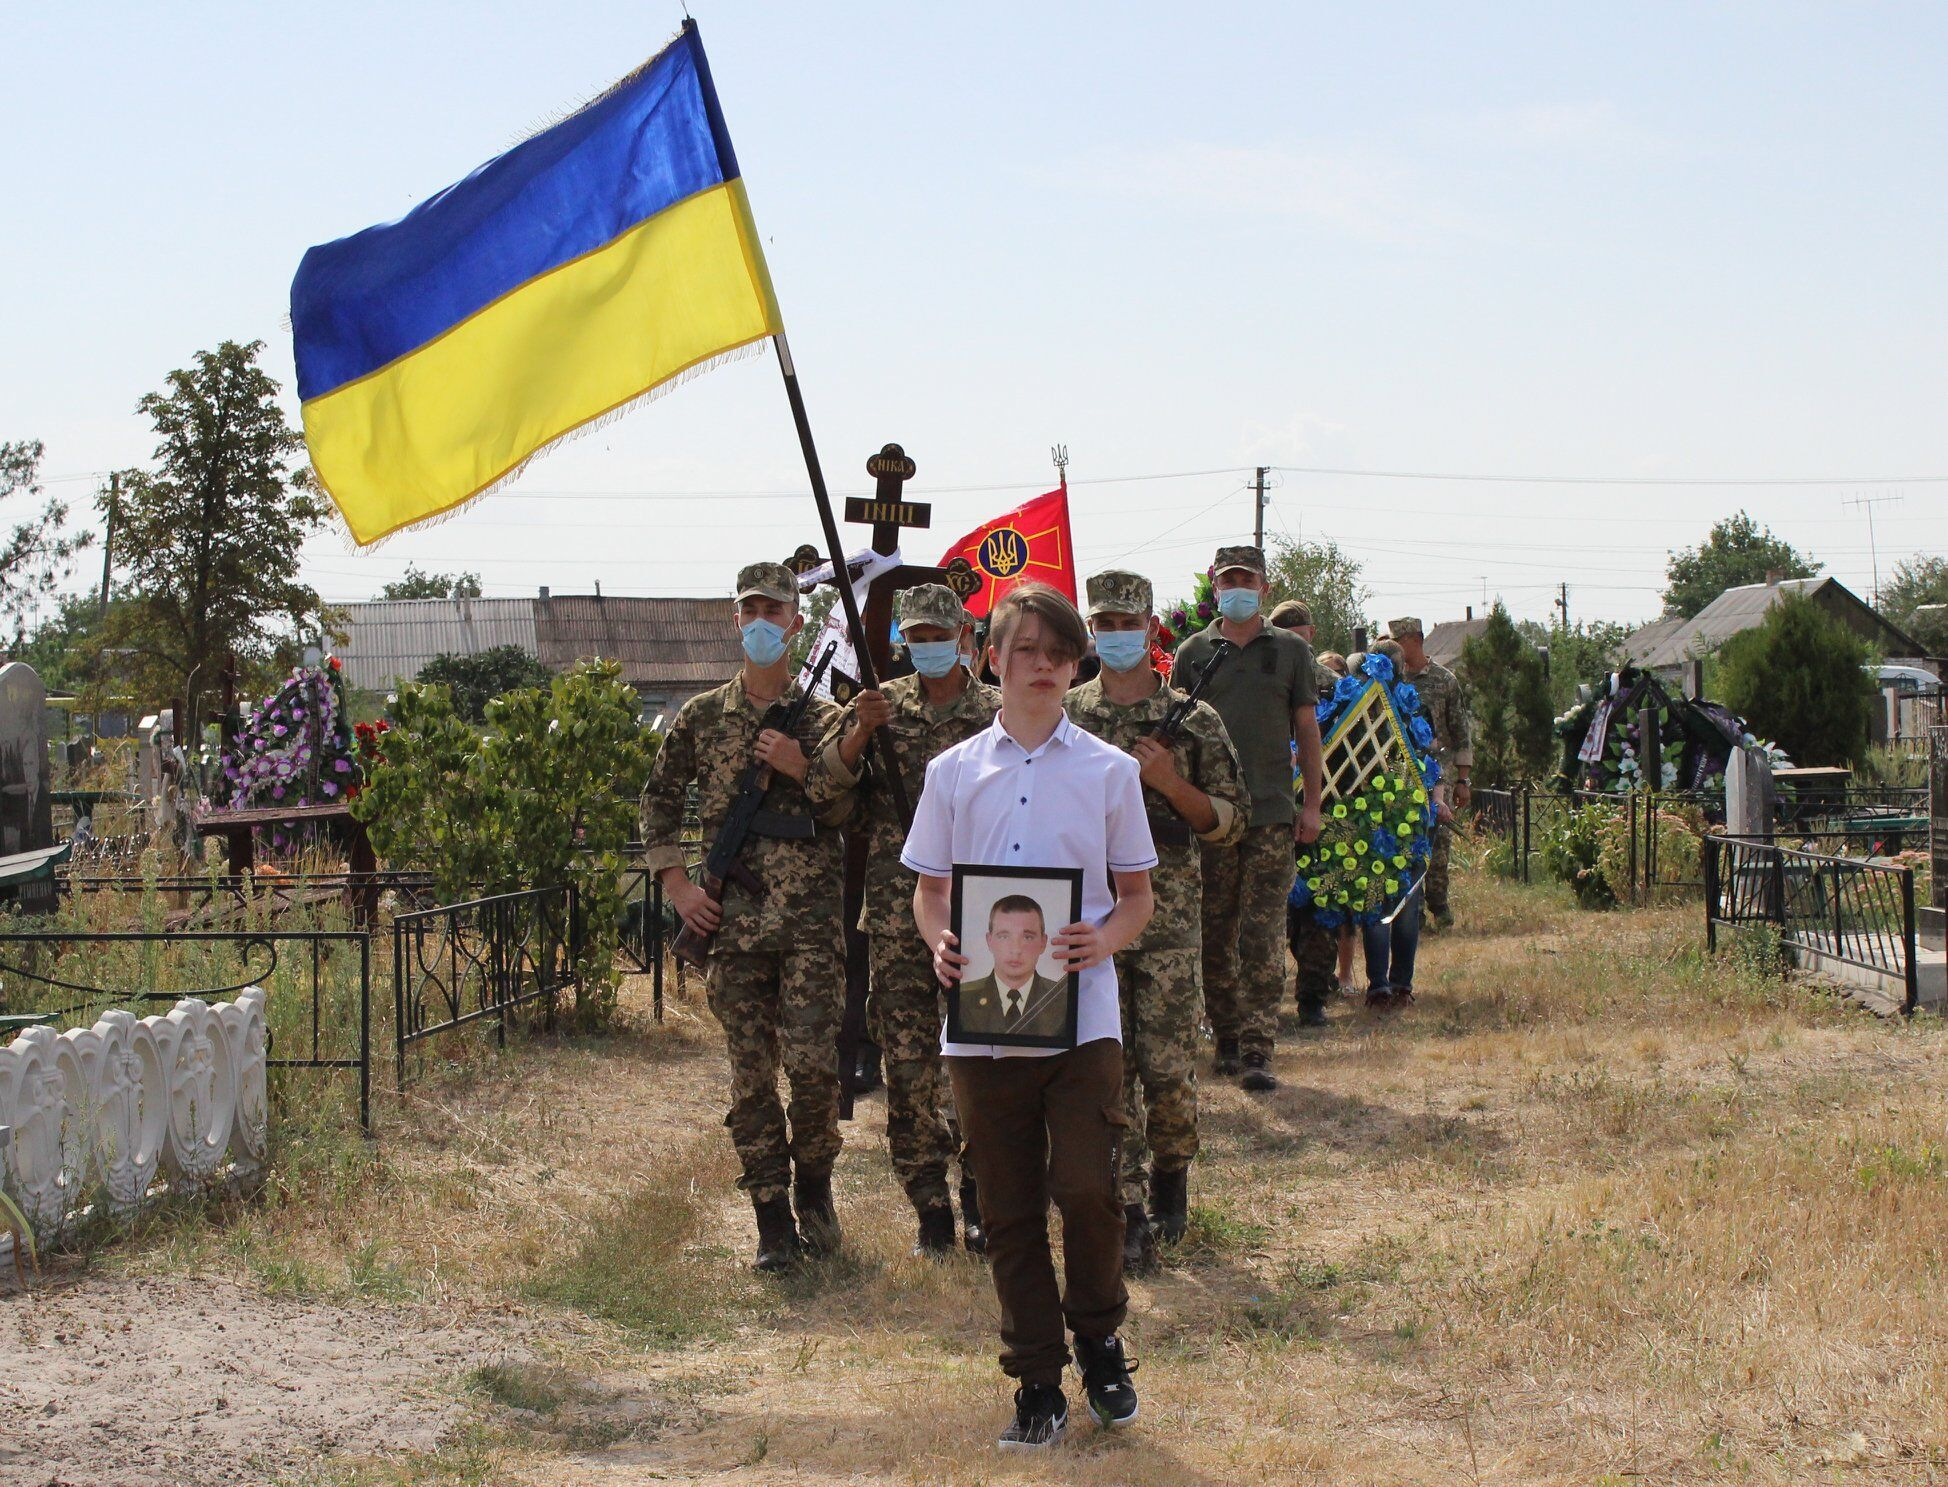 Син Віталія Грицишина Назар на похороні батька